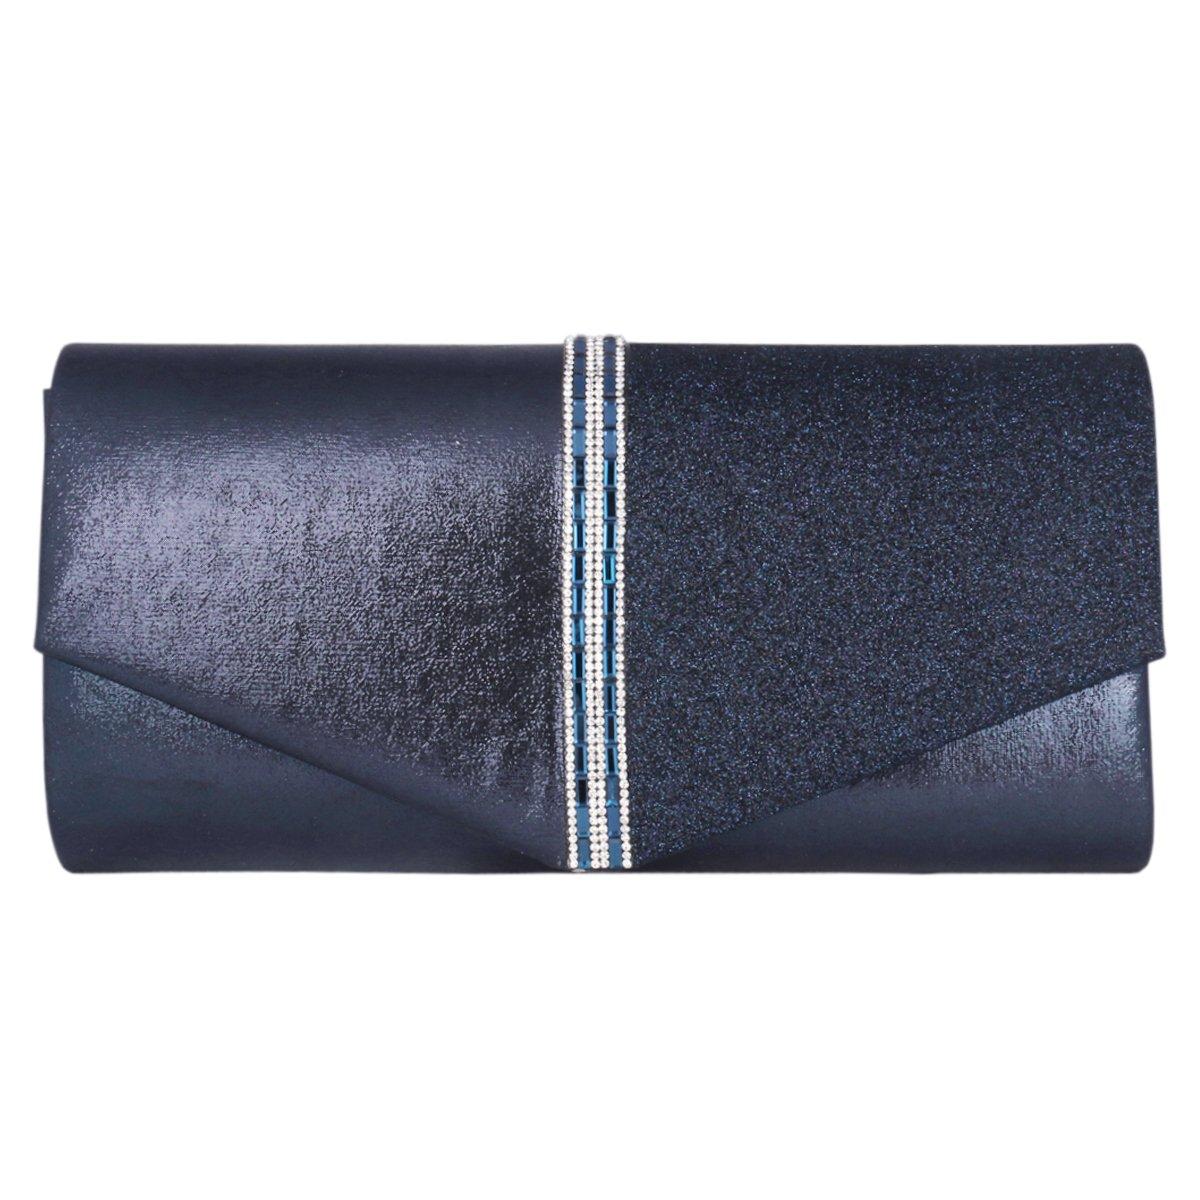 Adoptfade dam aftonväska med pailettes smakfull syntetisk Mörkblå